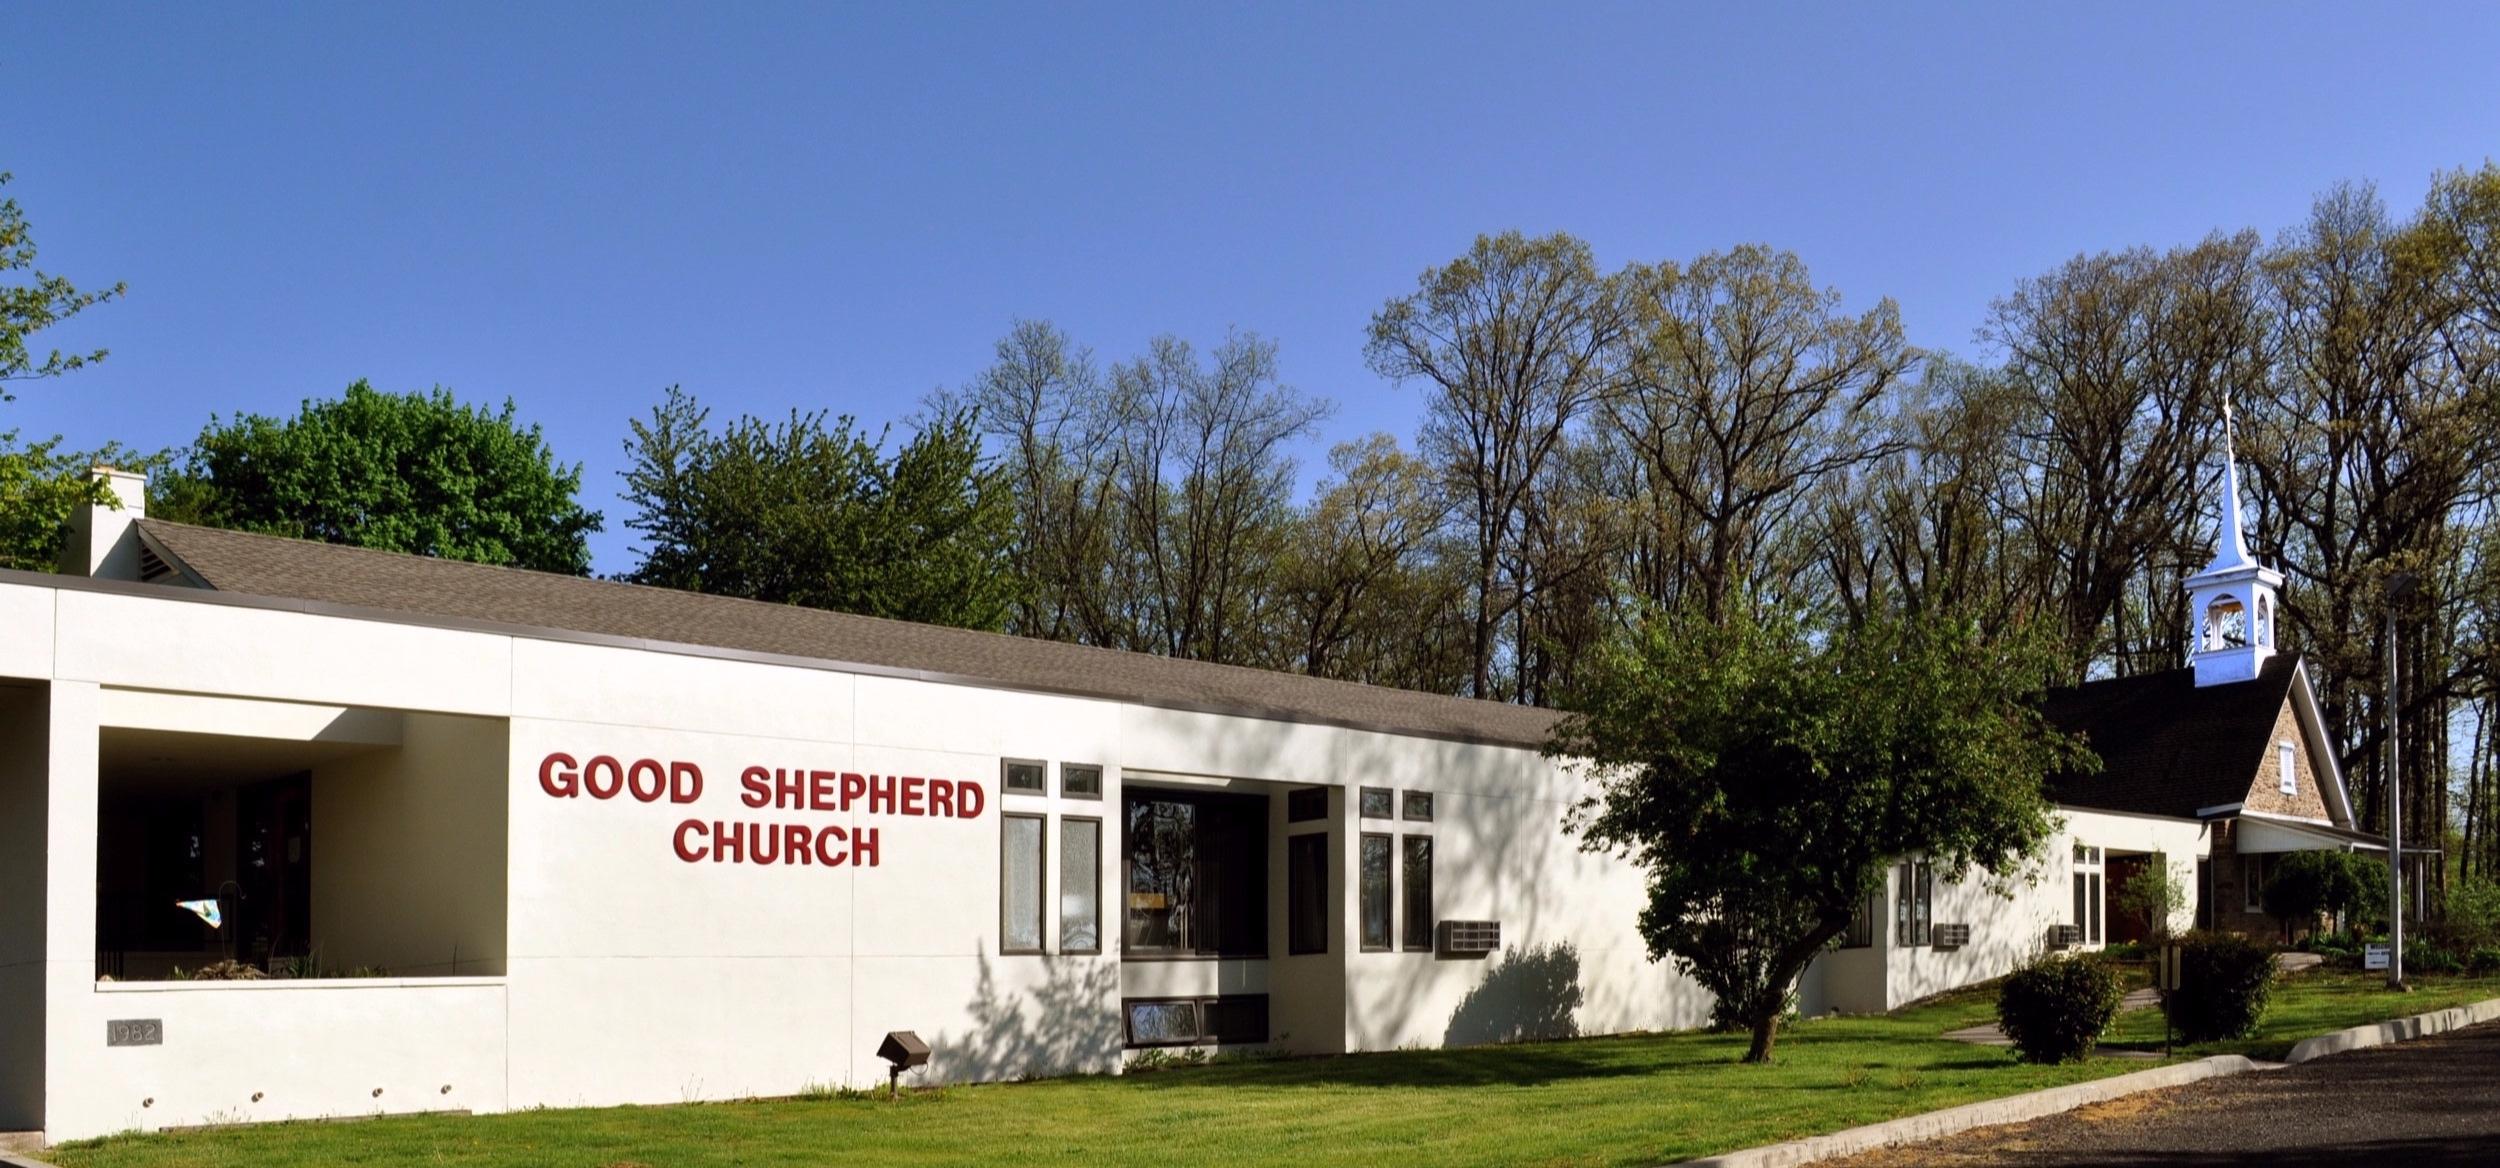 Good Shepherd today